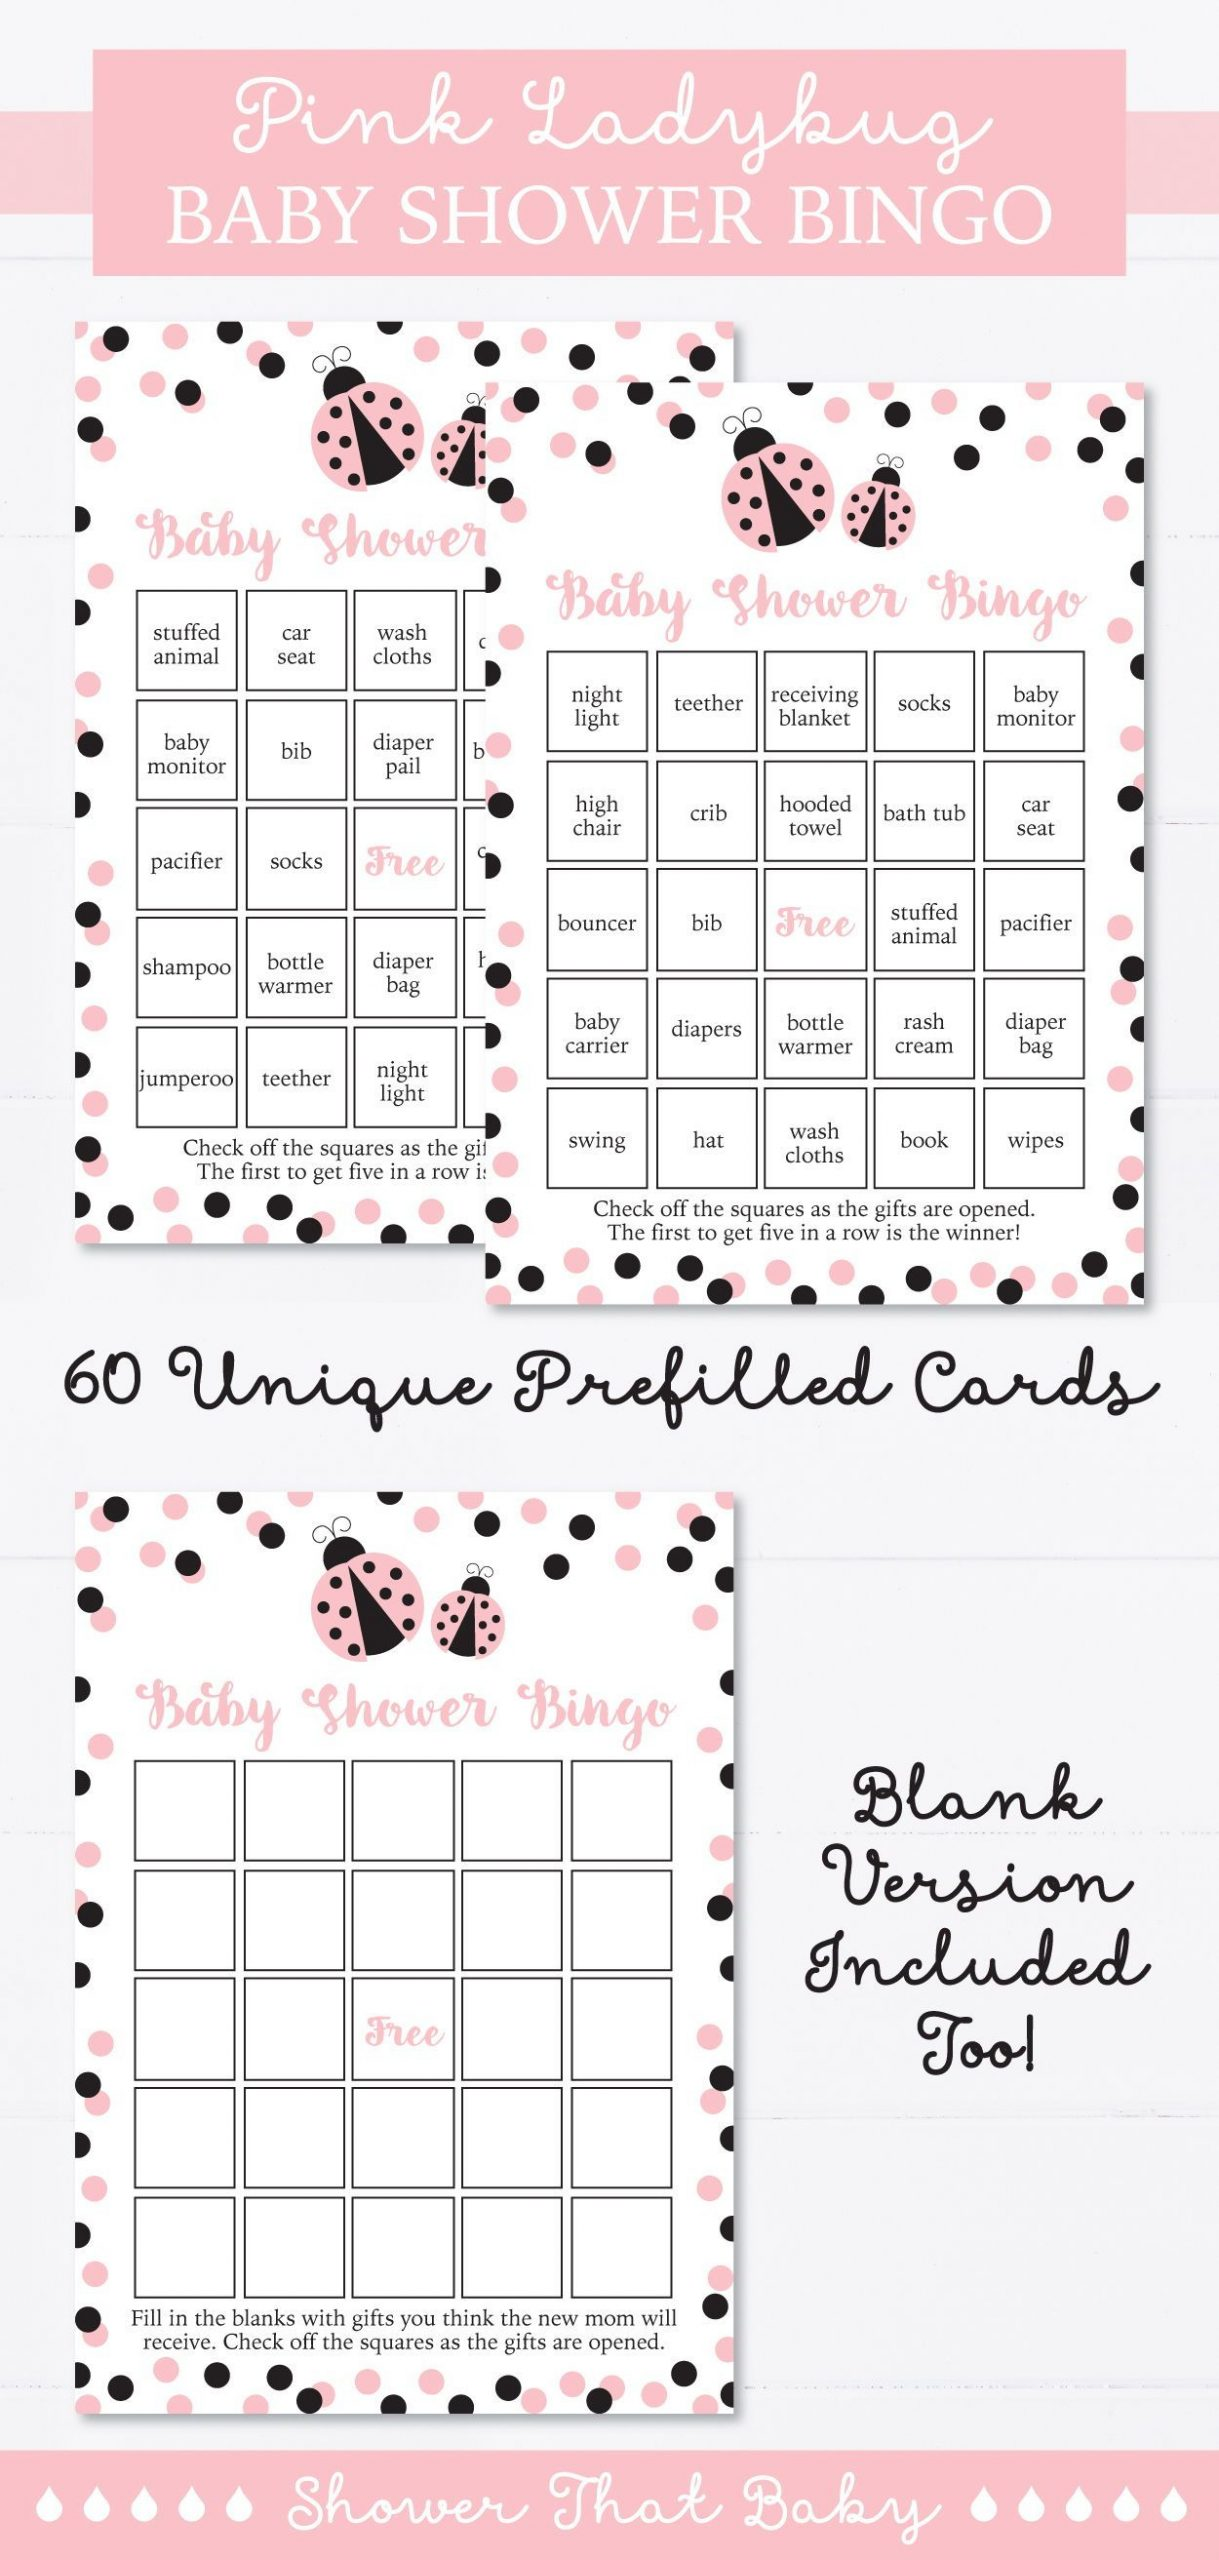 Ladybug Baby Shower Bingo Cards - Printable Blank Bingo